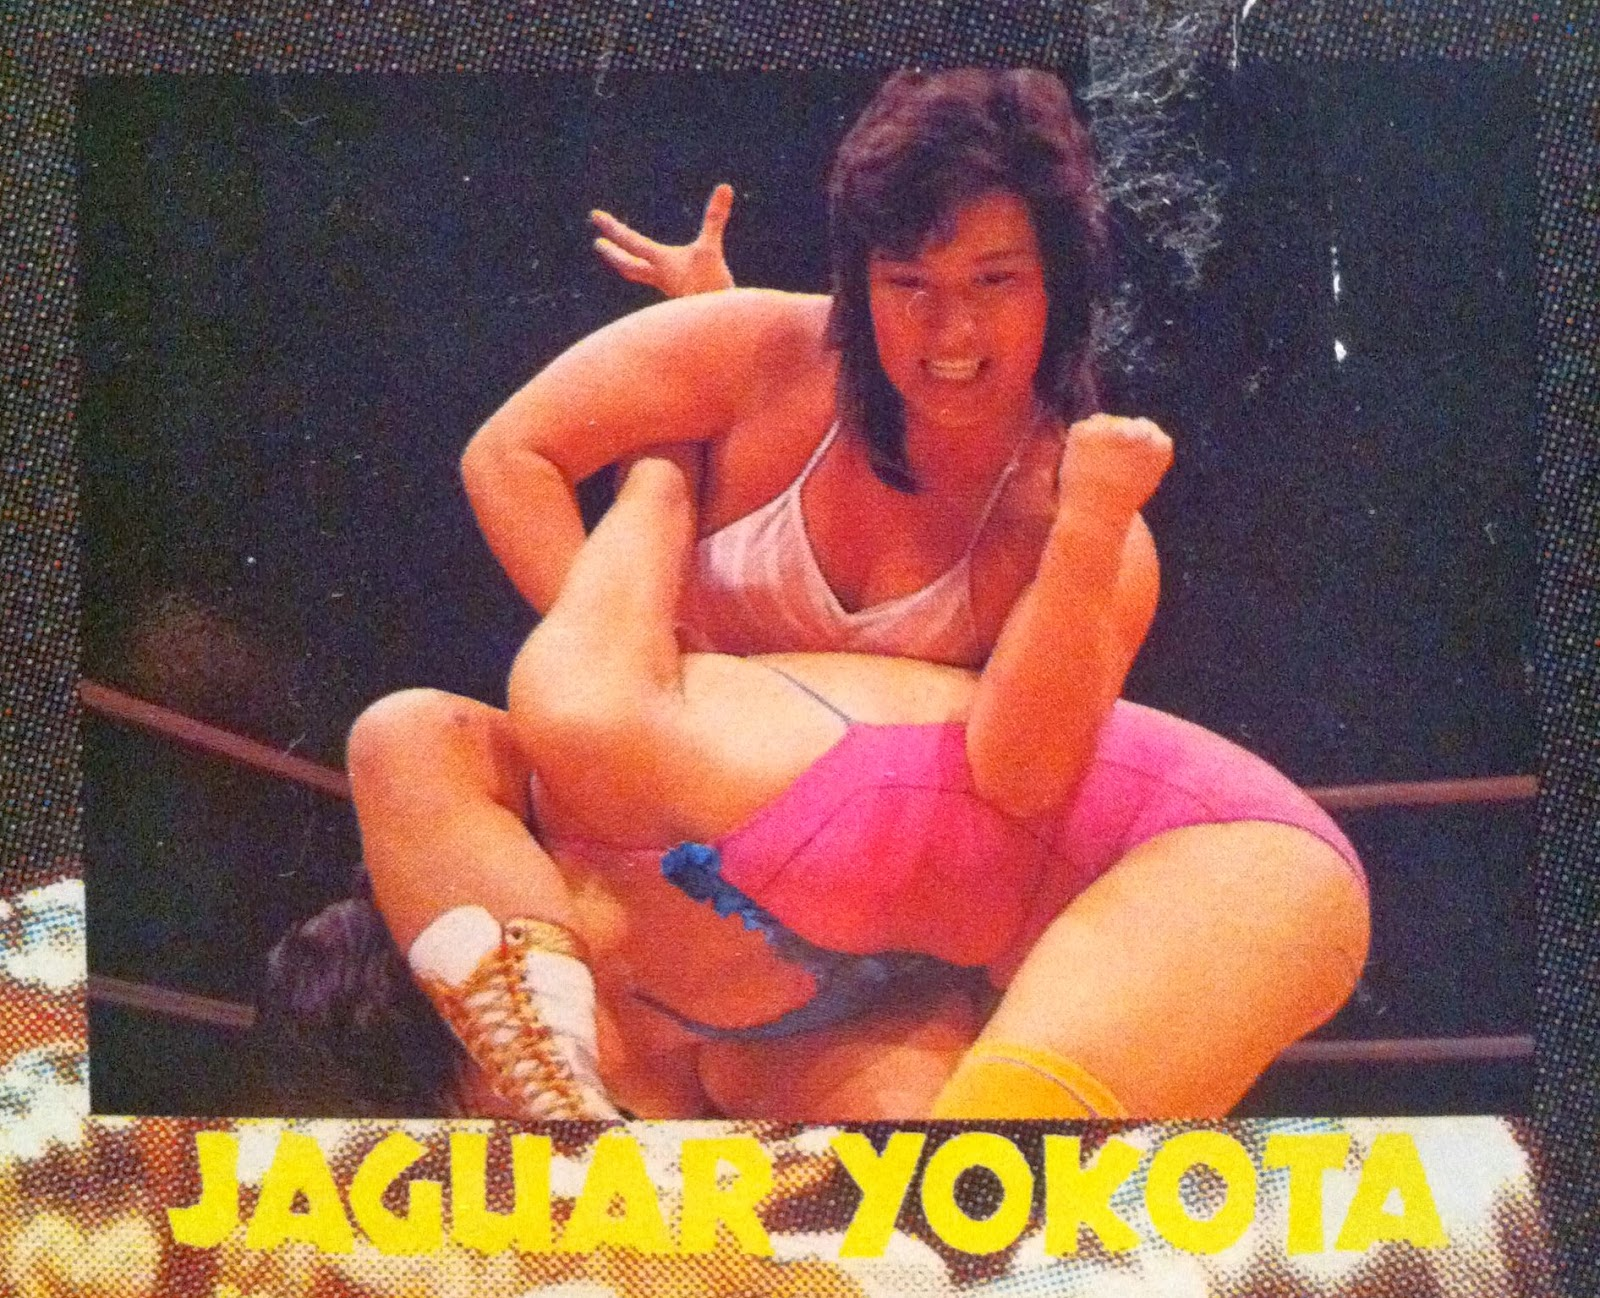 Japanese Female Wrestler Jaguar Yokota